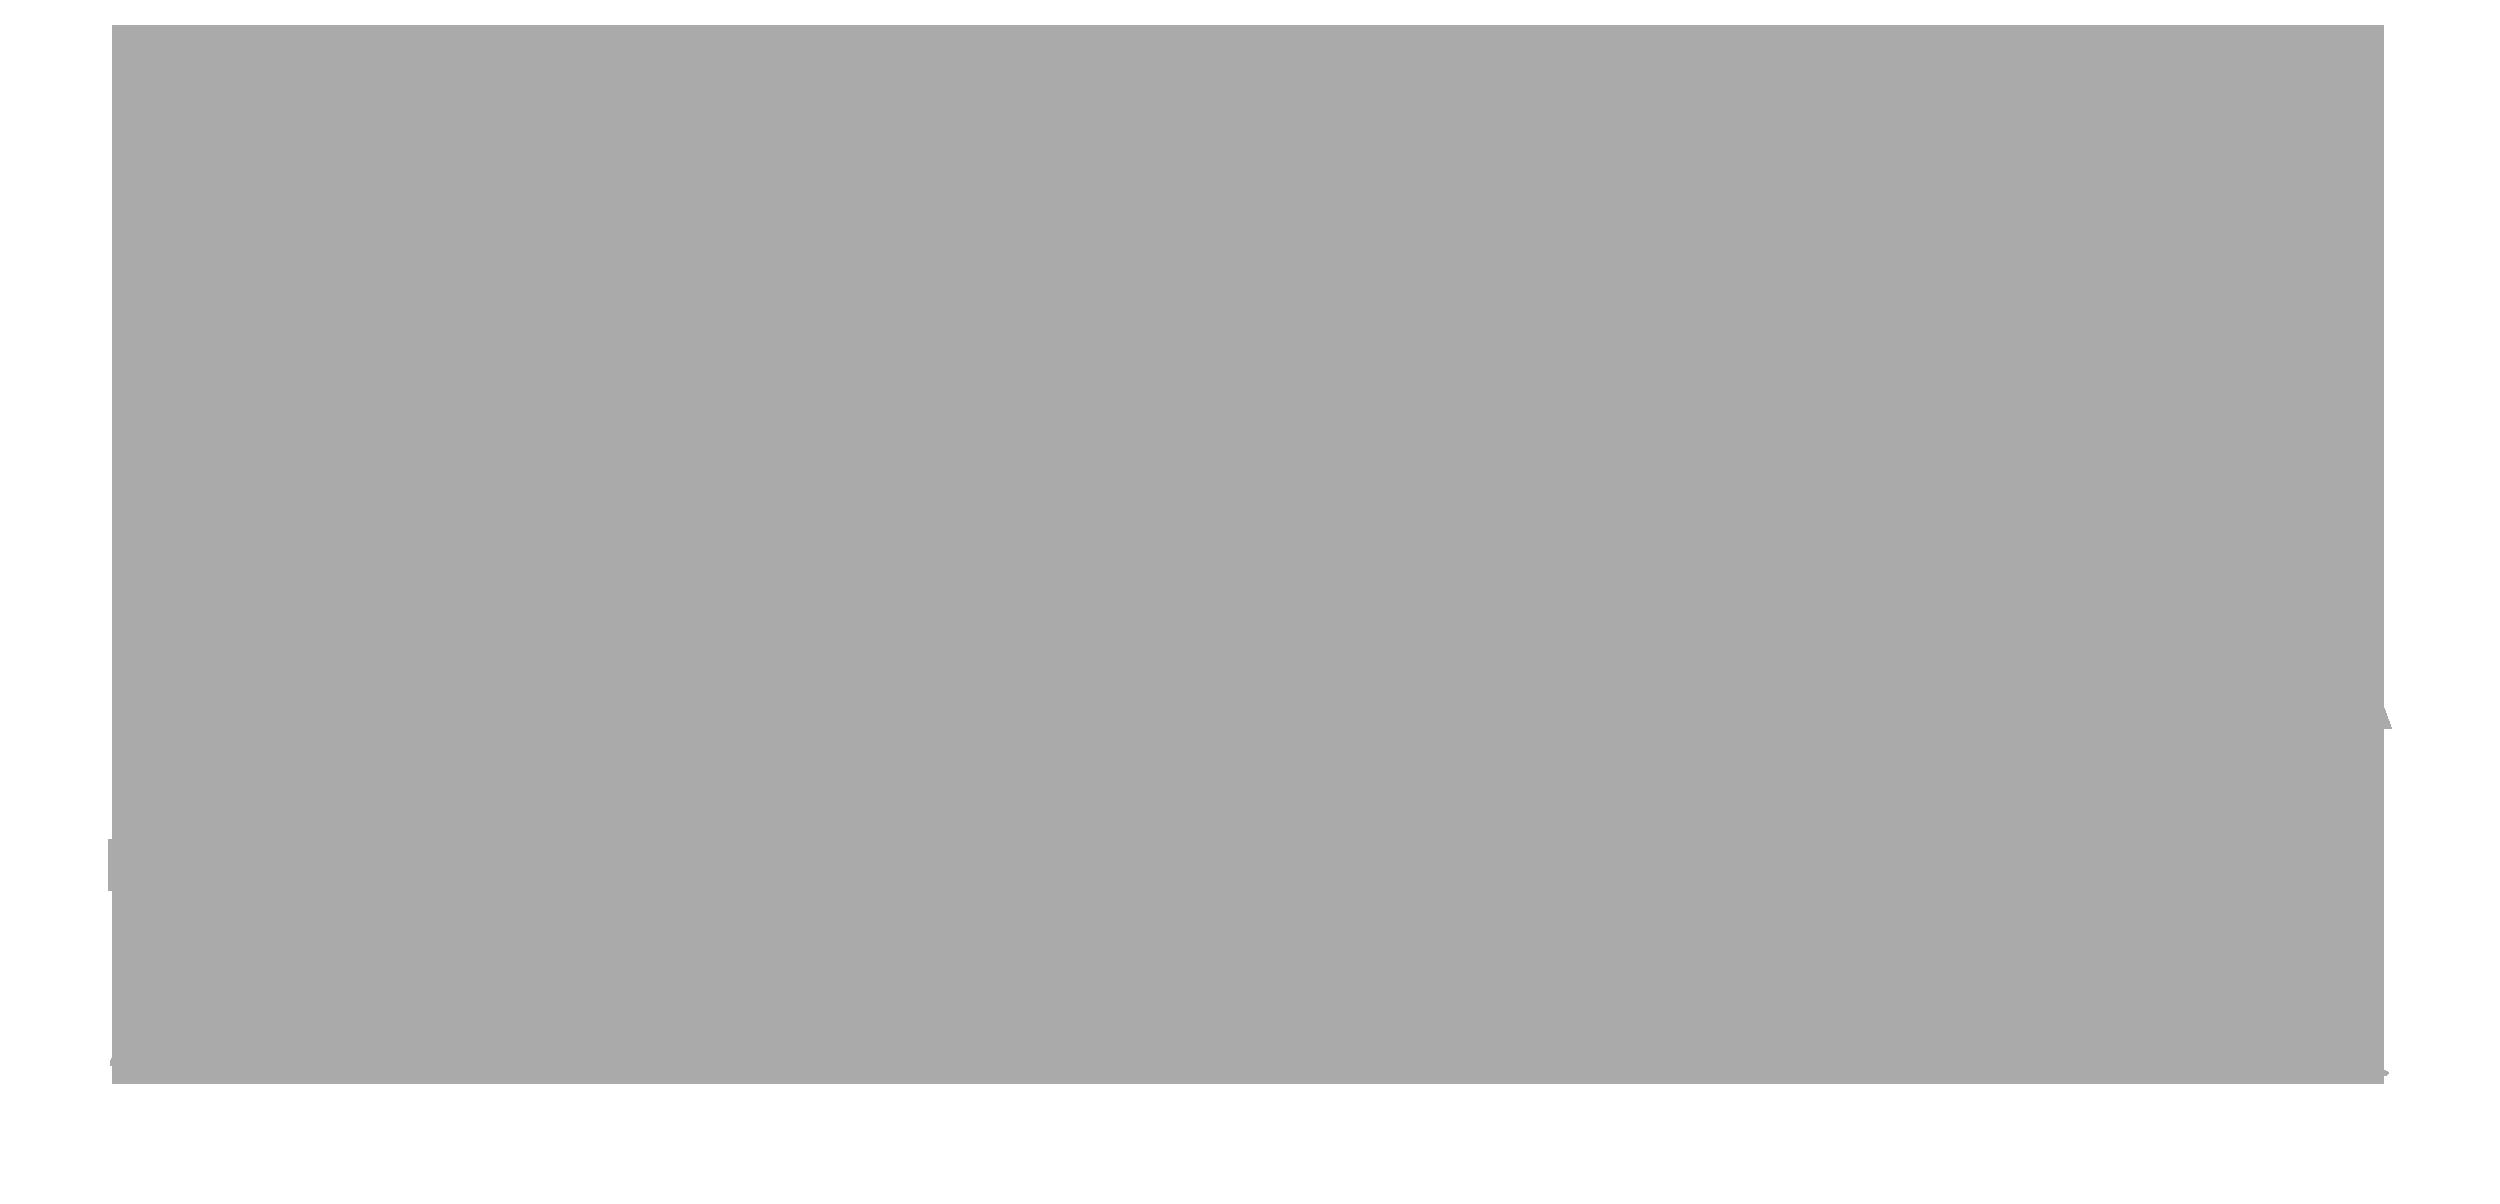 Australia Fire Relief